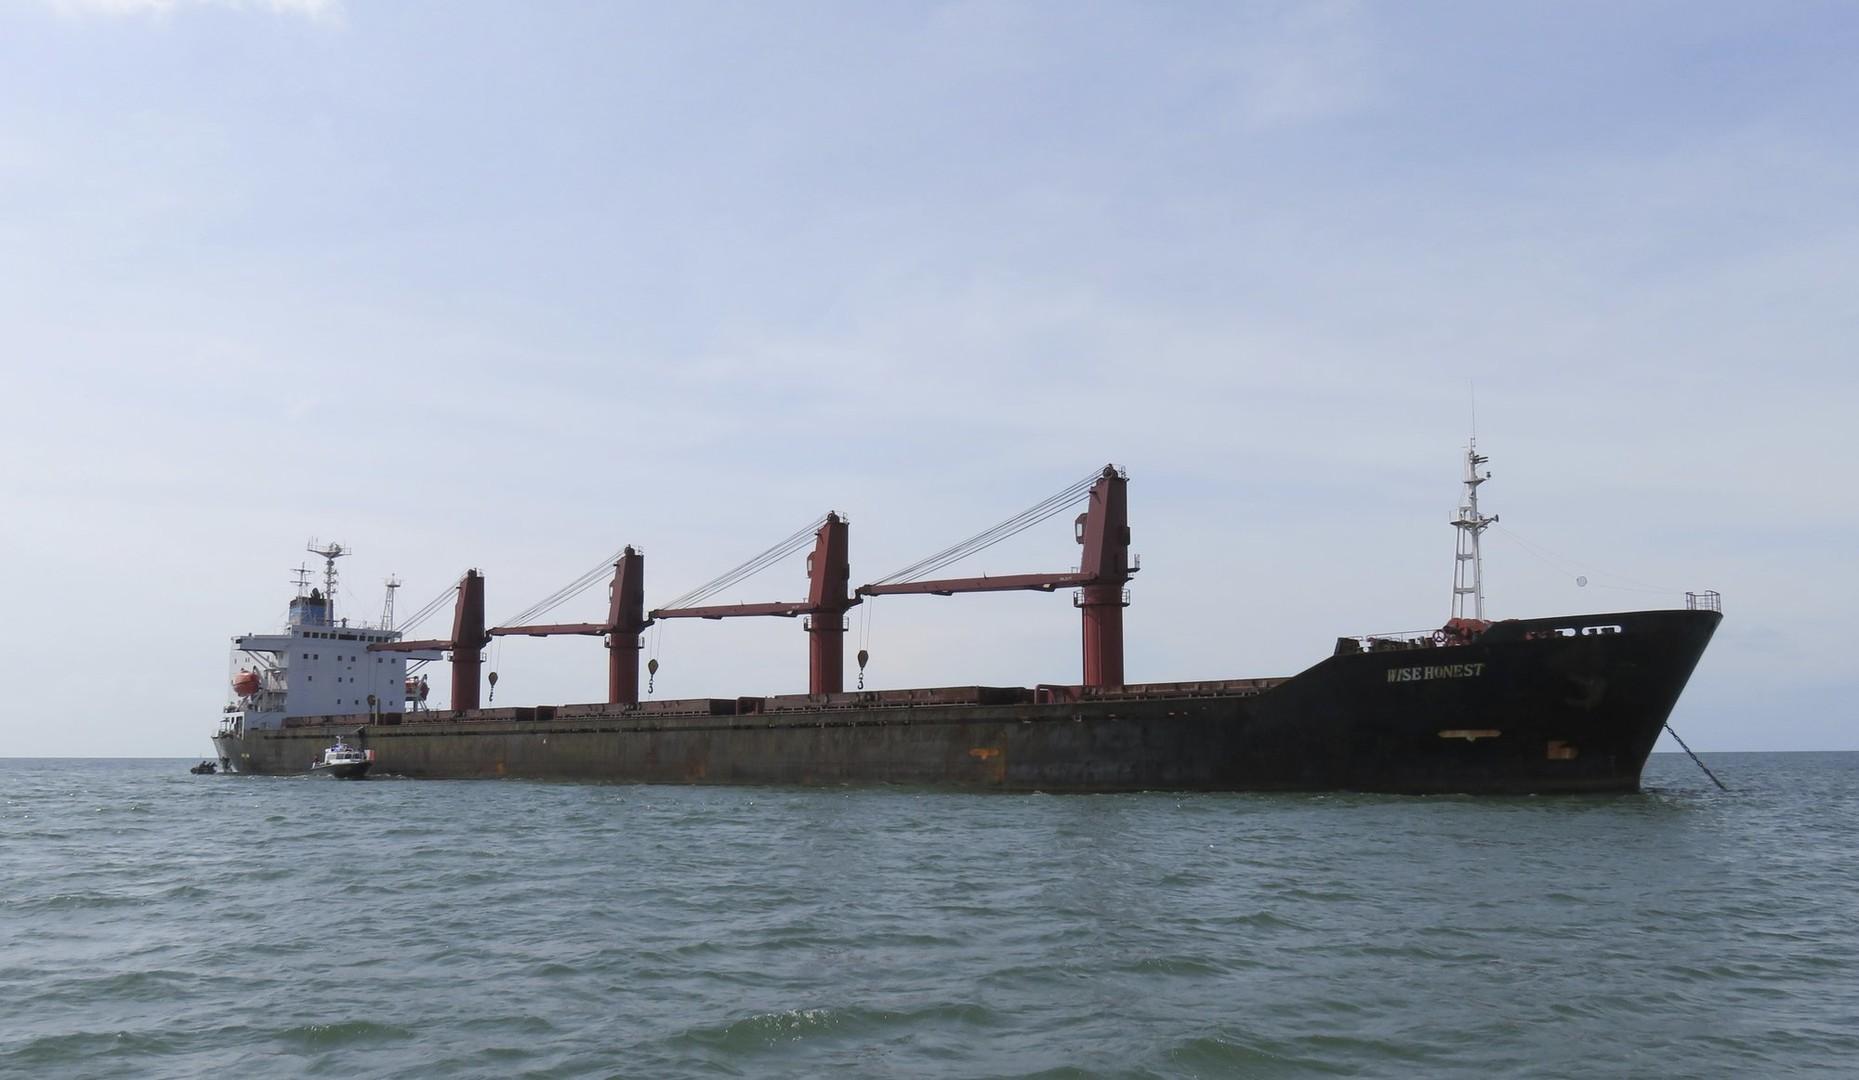 لأول مرة.. واشنطن تعلن احتجازها سفينة شحن كورية شمالية